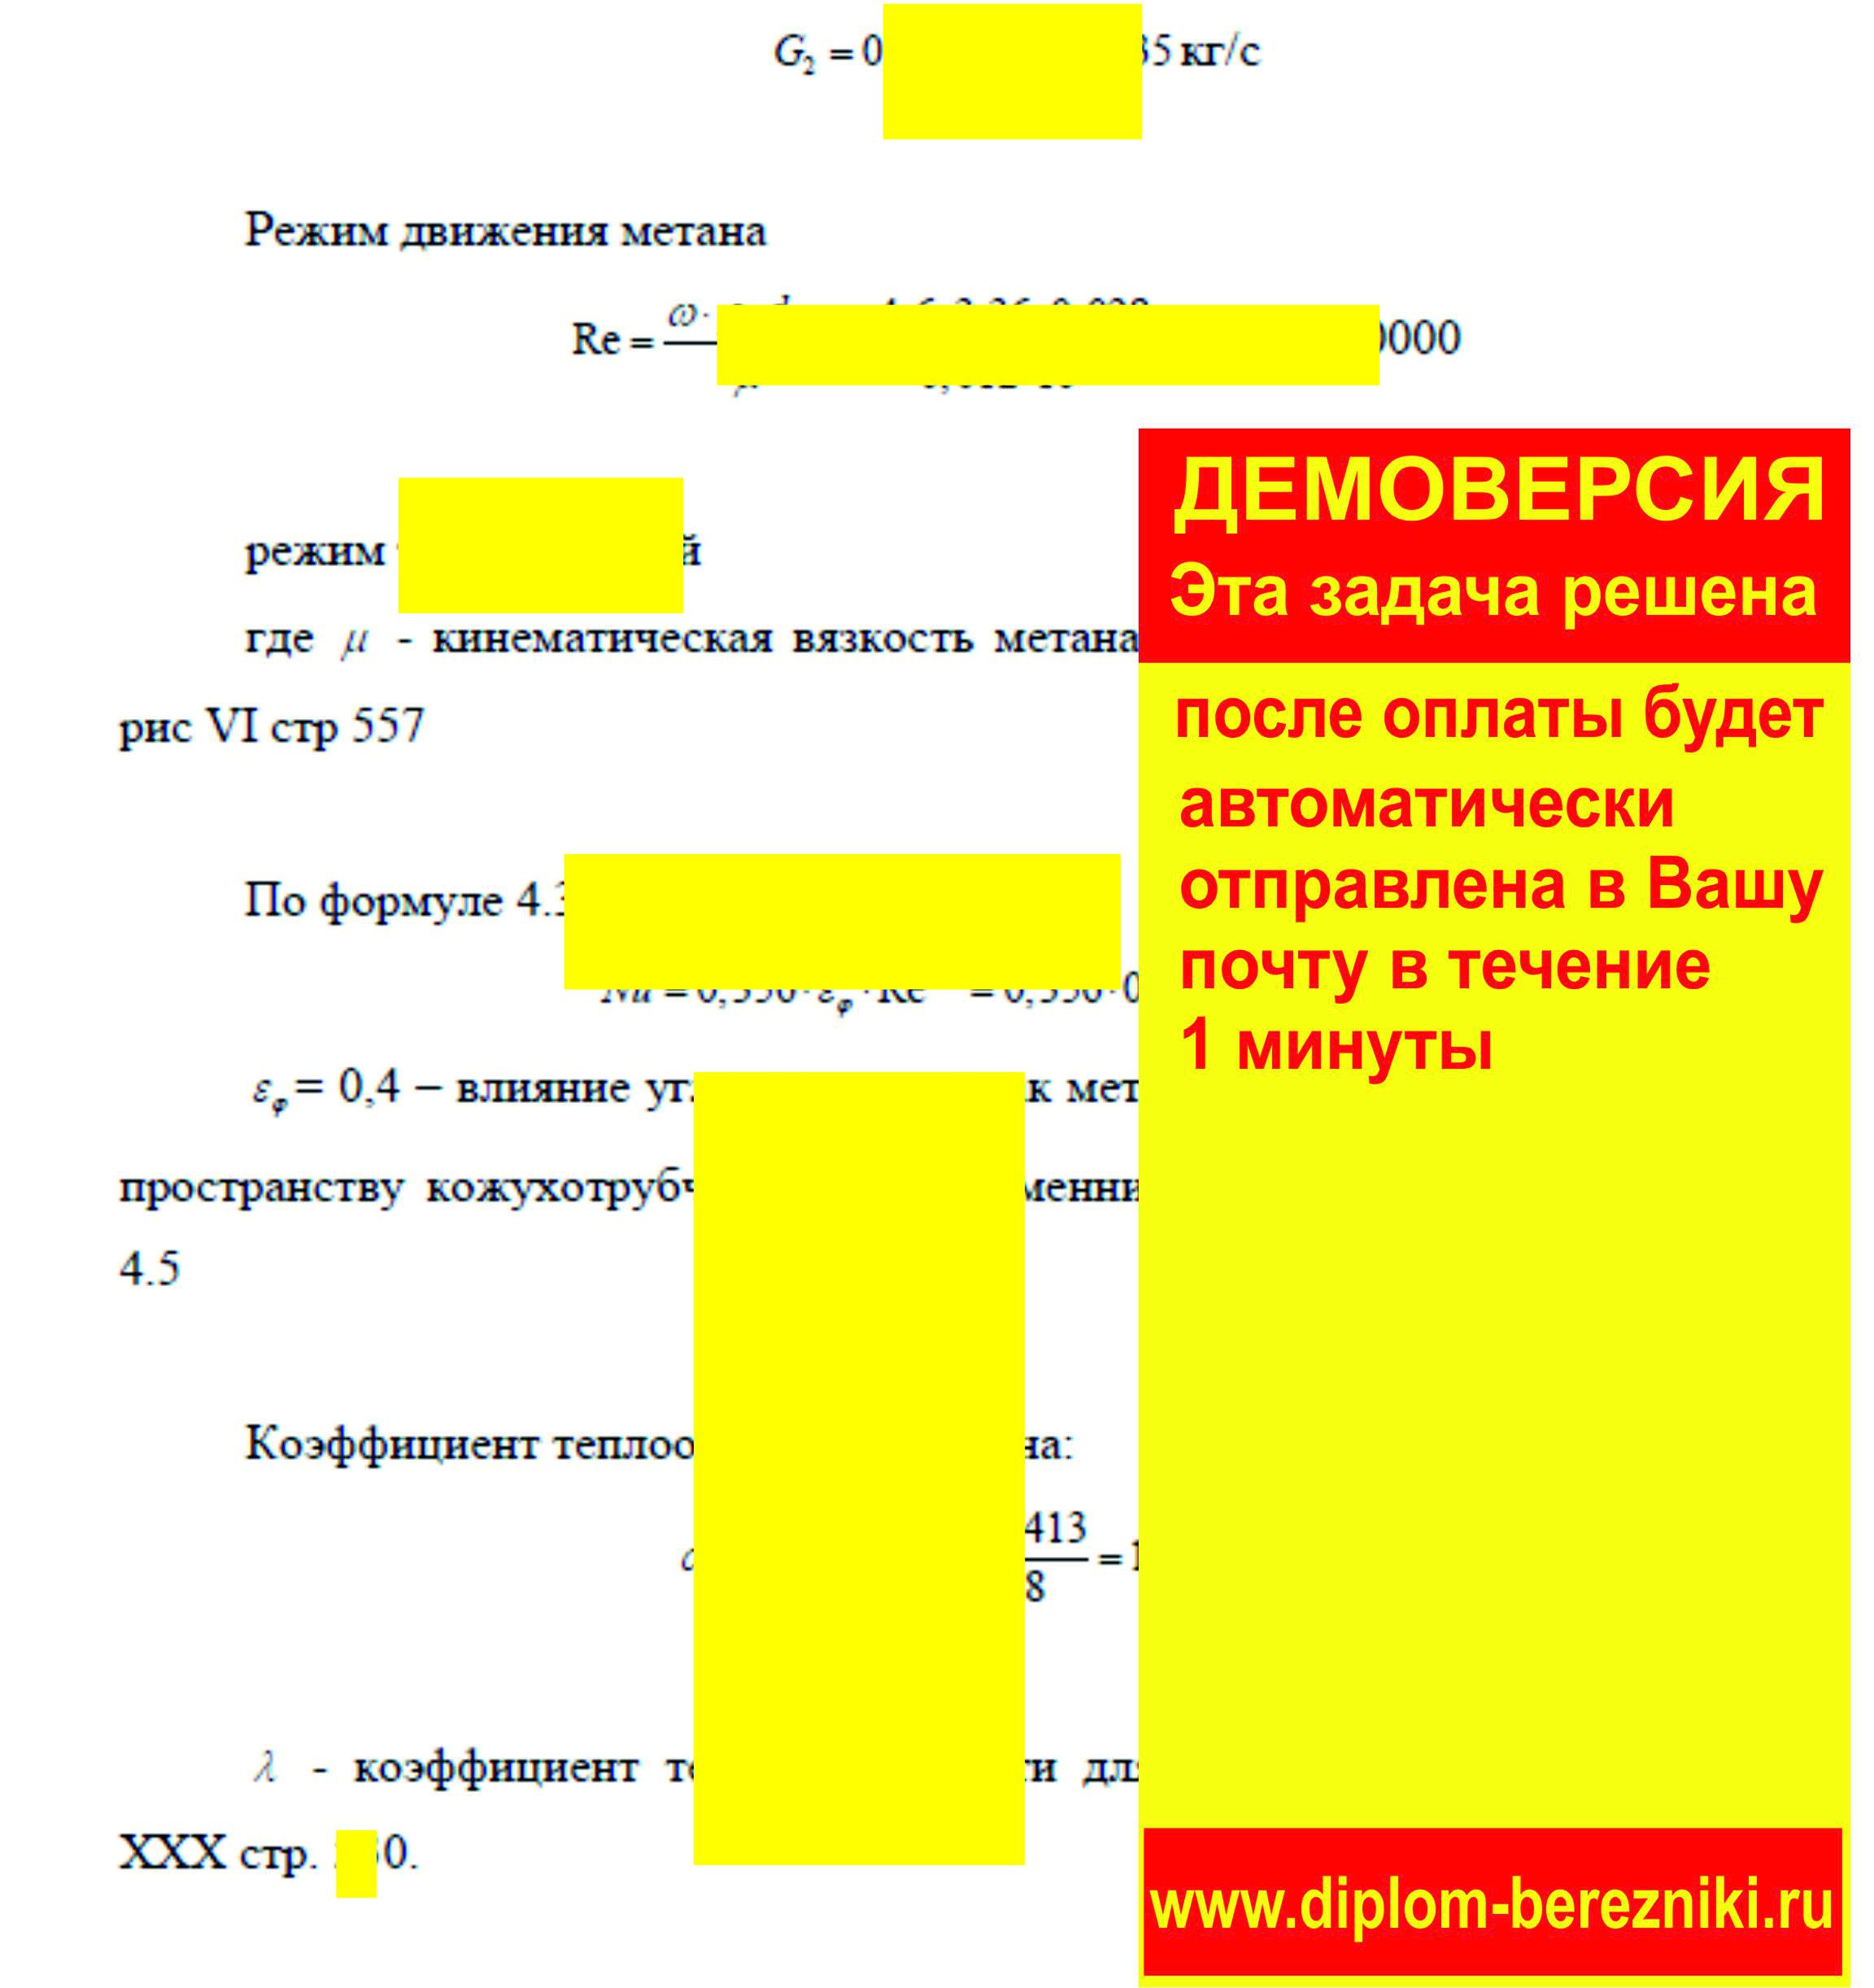 Решение задачи 4.23 по ПАХТ из задачника Павлова Романкова Носкова